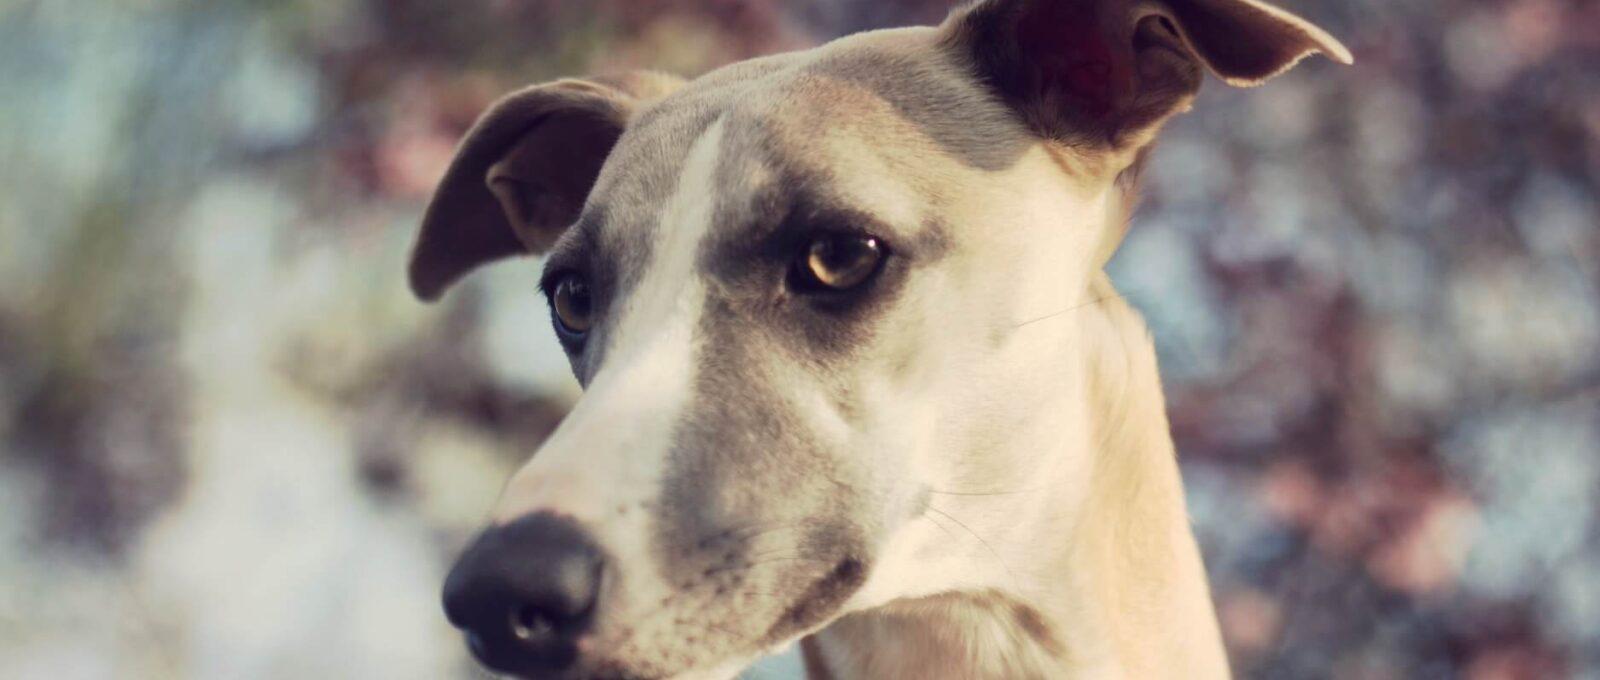 Galgos chiens martyrs